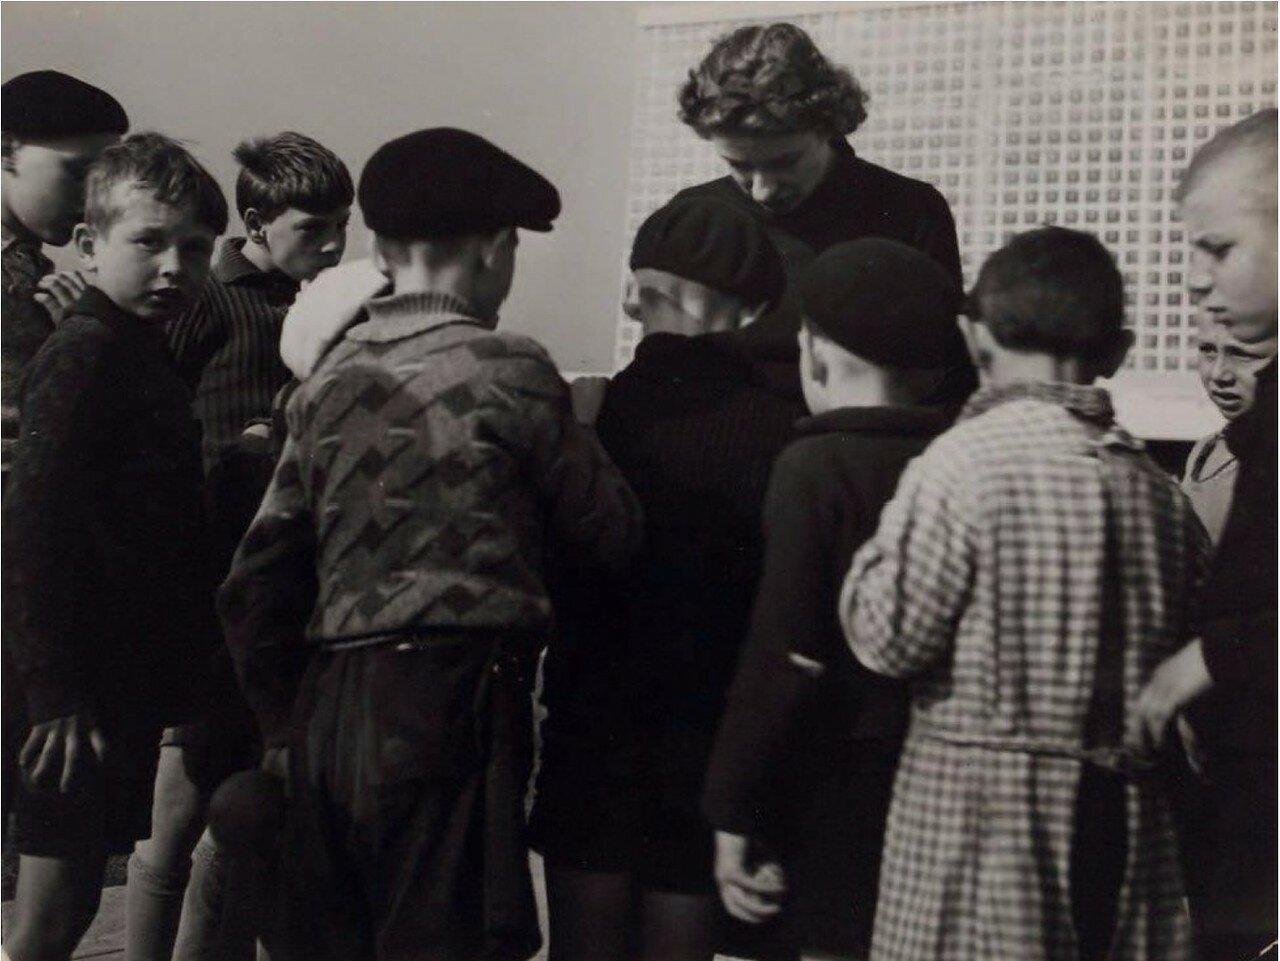 1944. Дети перед эвакуацией. Франция